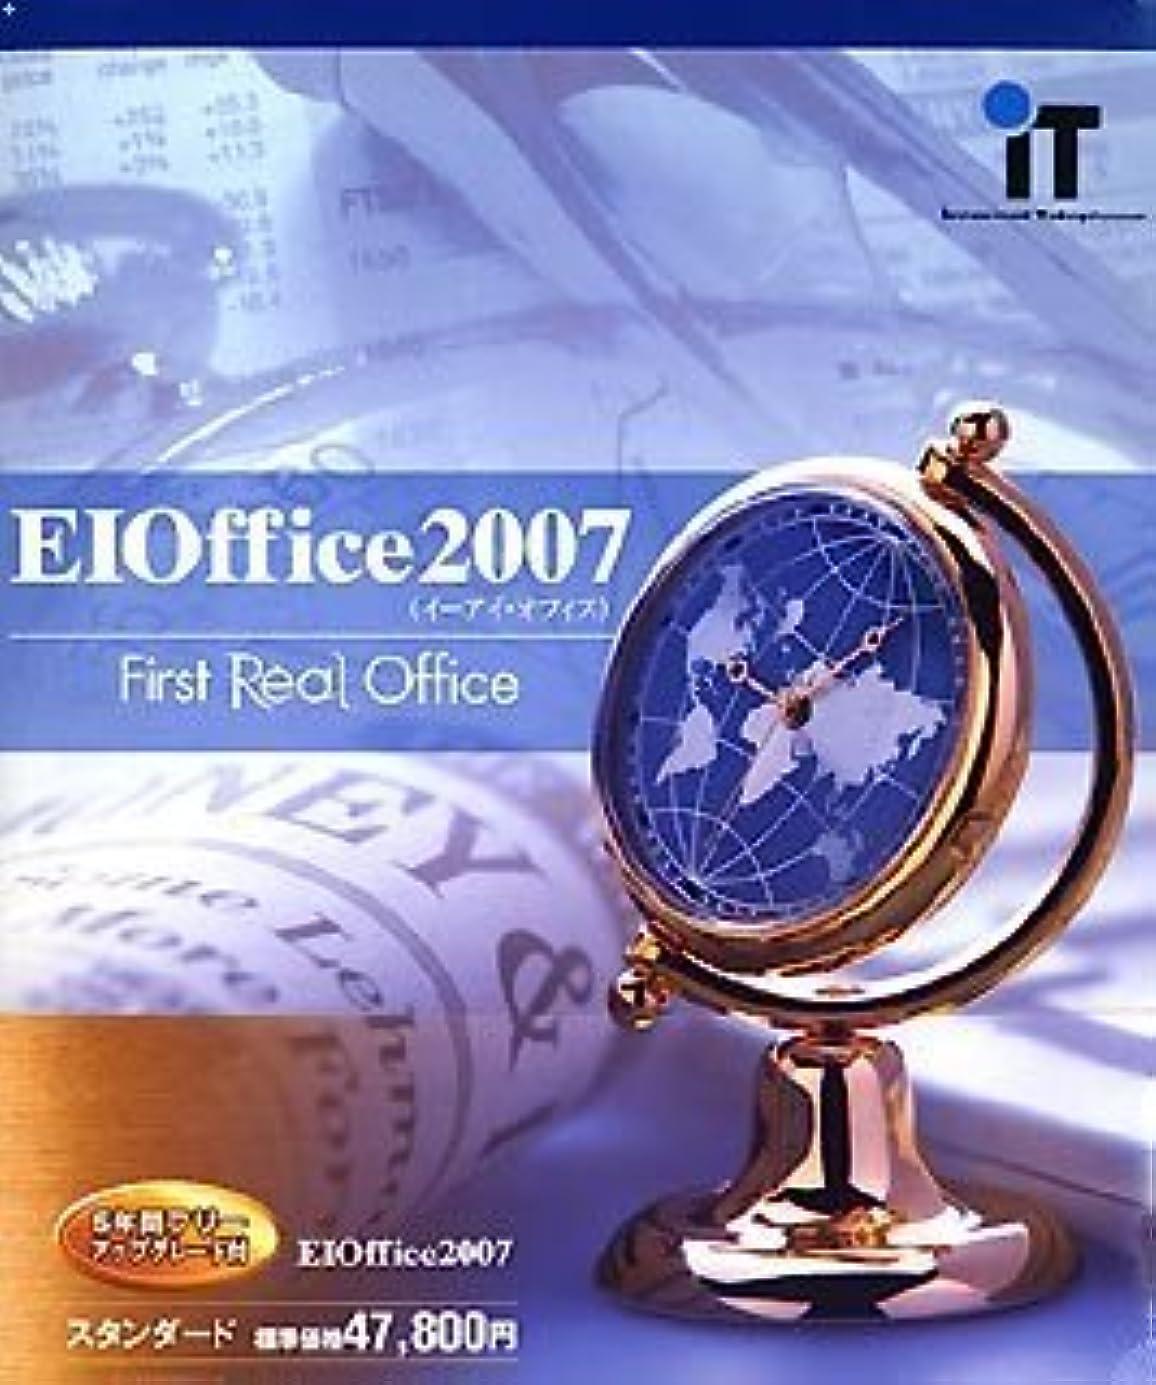 信仰経済的ツーリストEIOffice 2007 スタンダード 5年間フリーアップグレード付